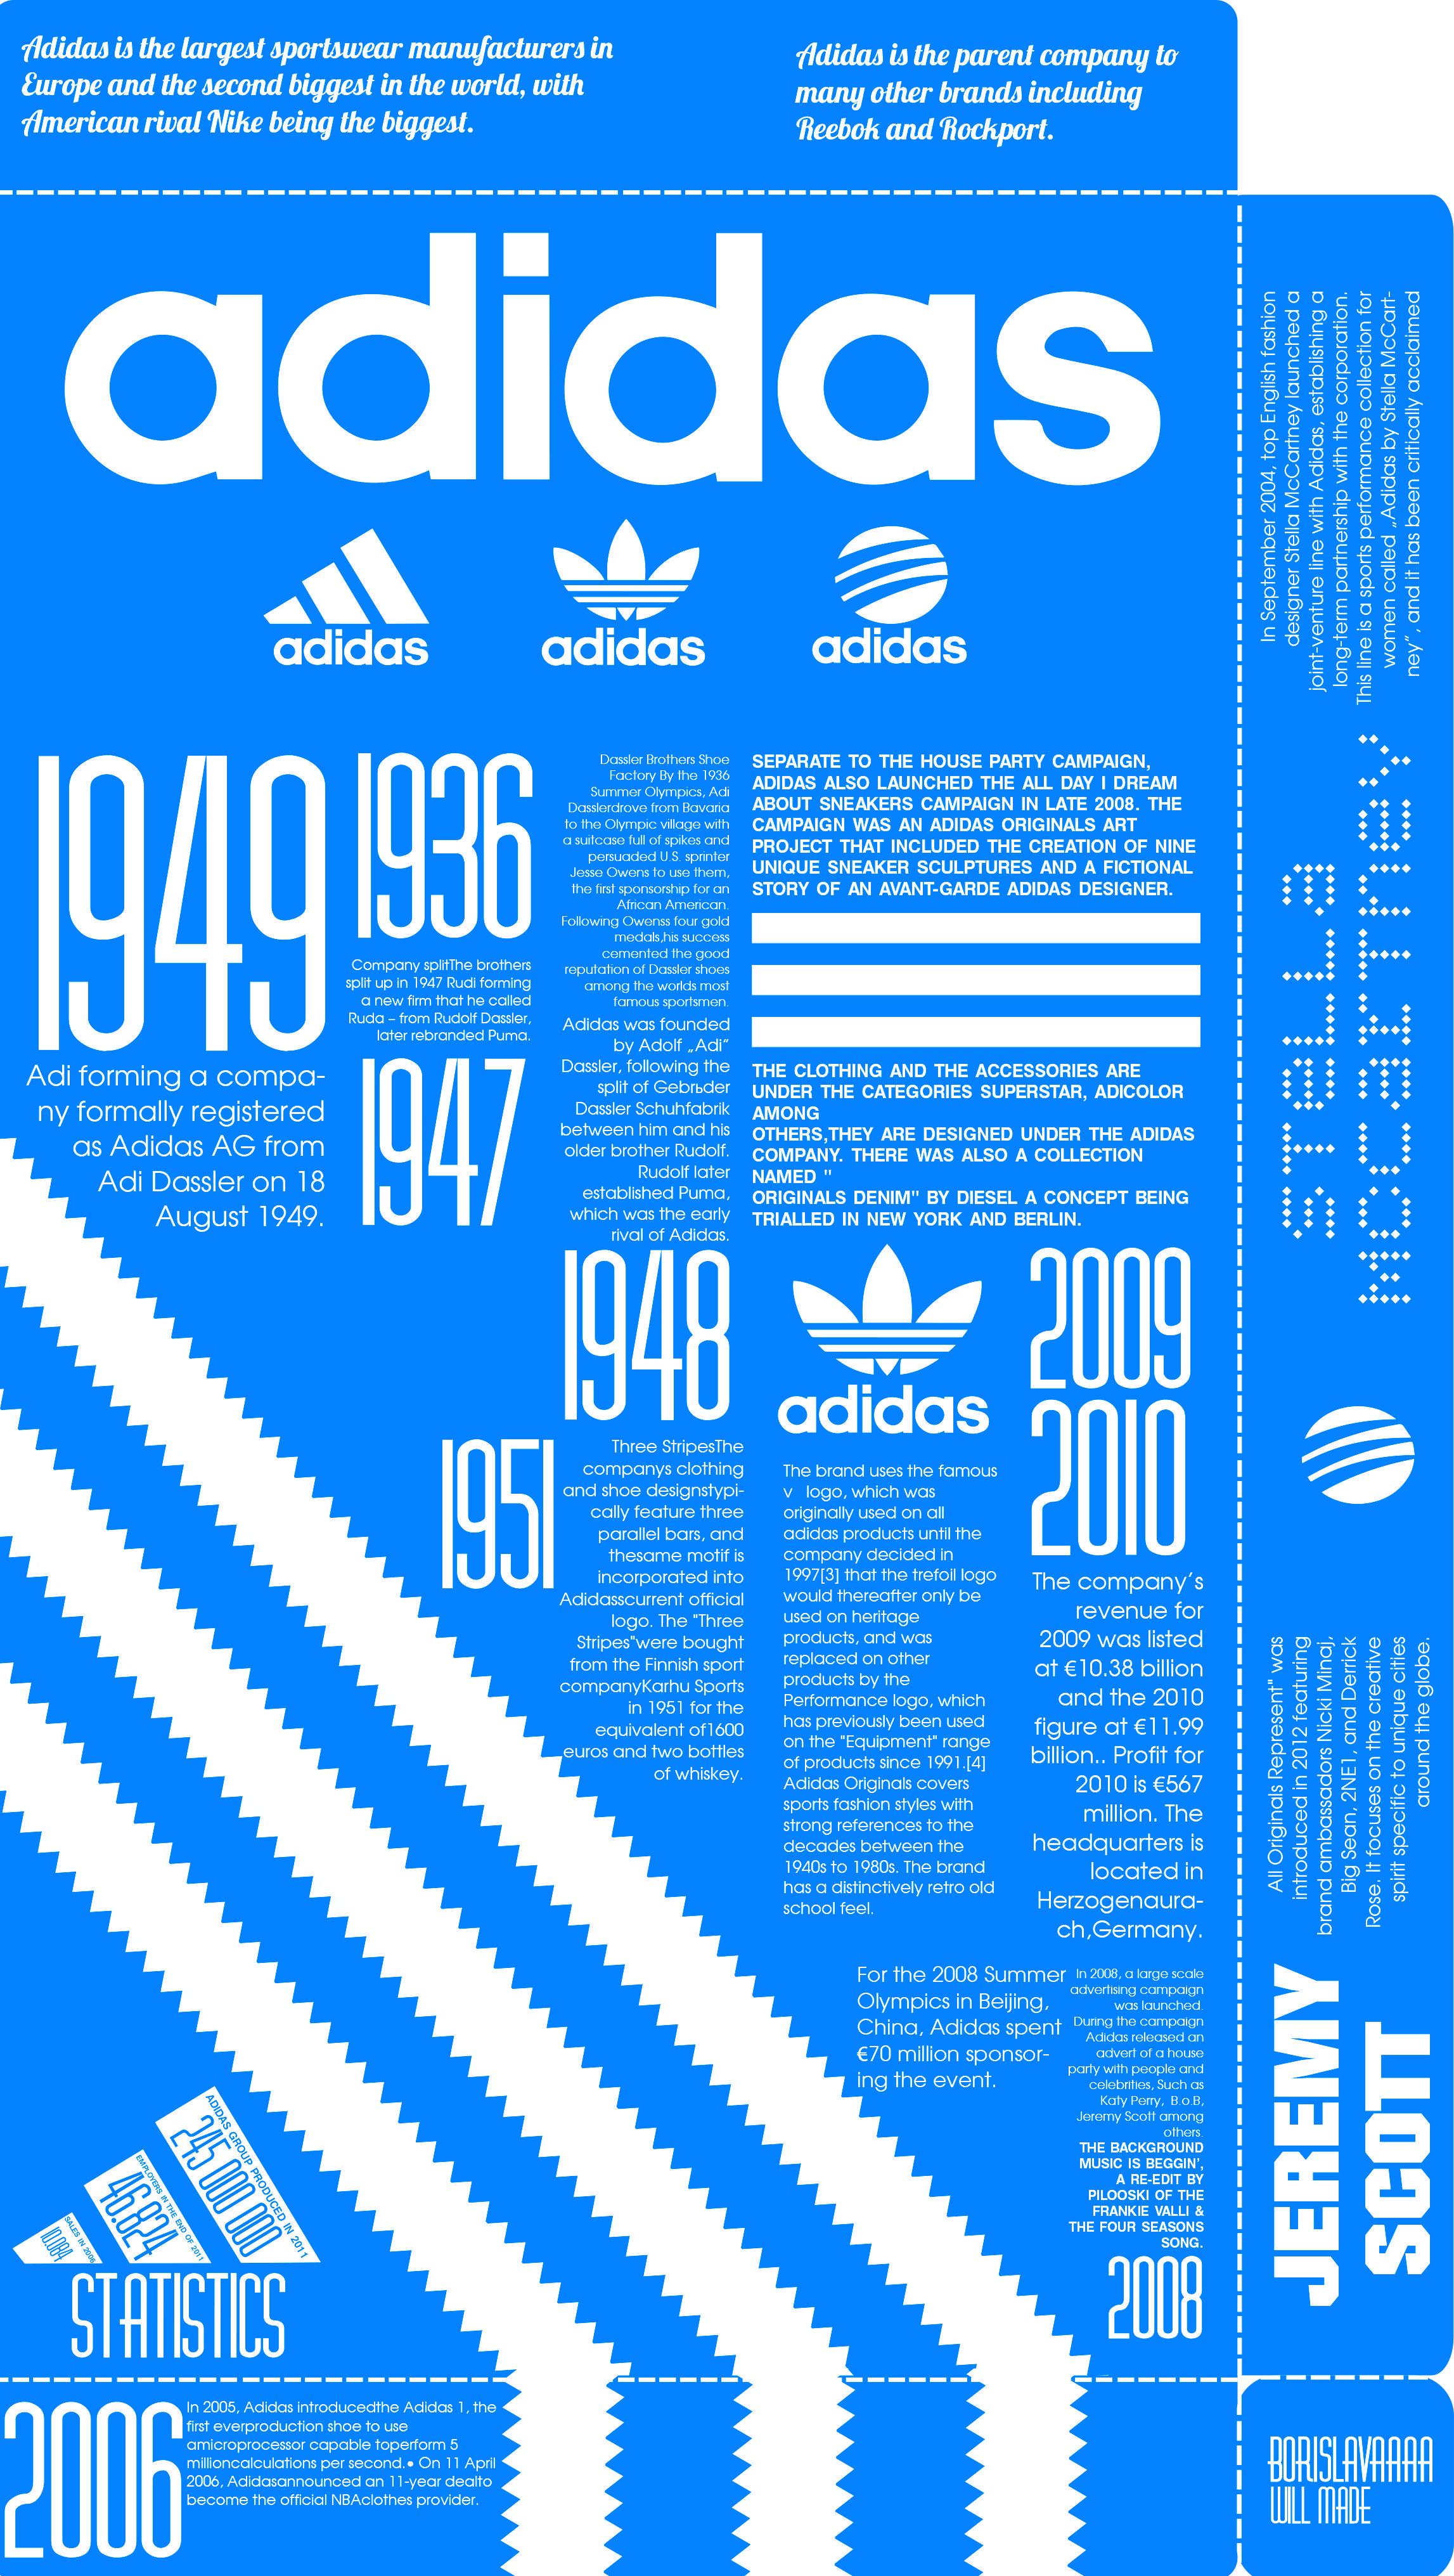 Infographic for my favourite brand! #adidas #adi #infographic #originals  #adicolour